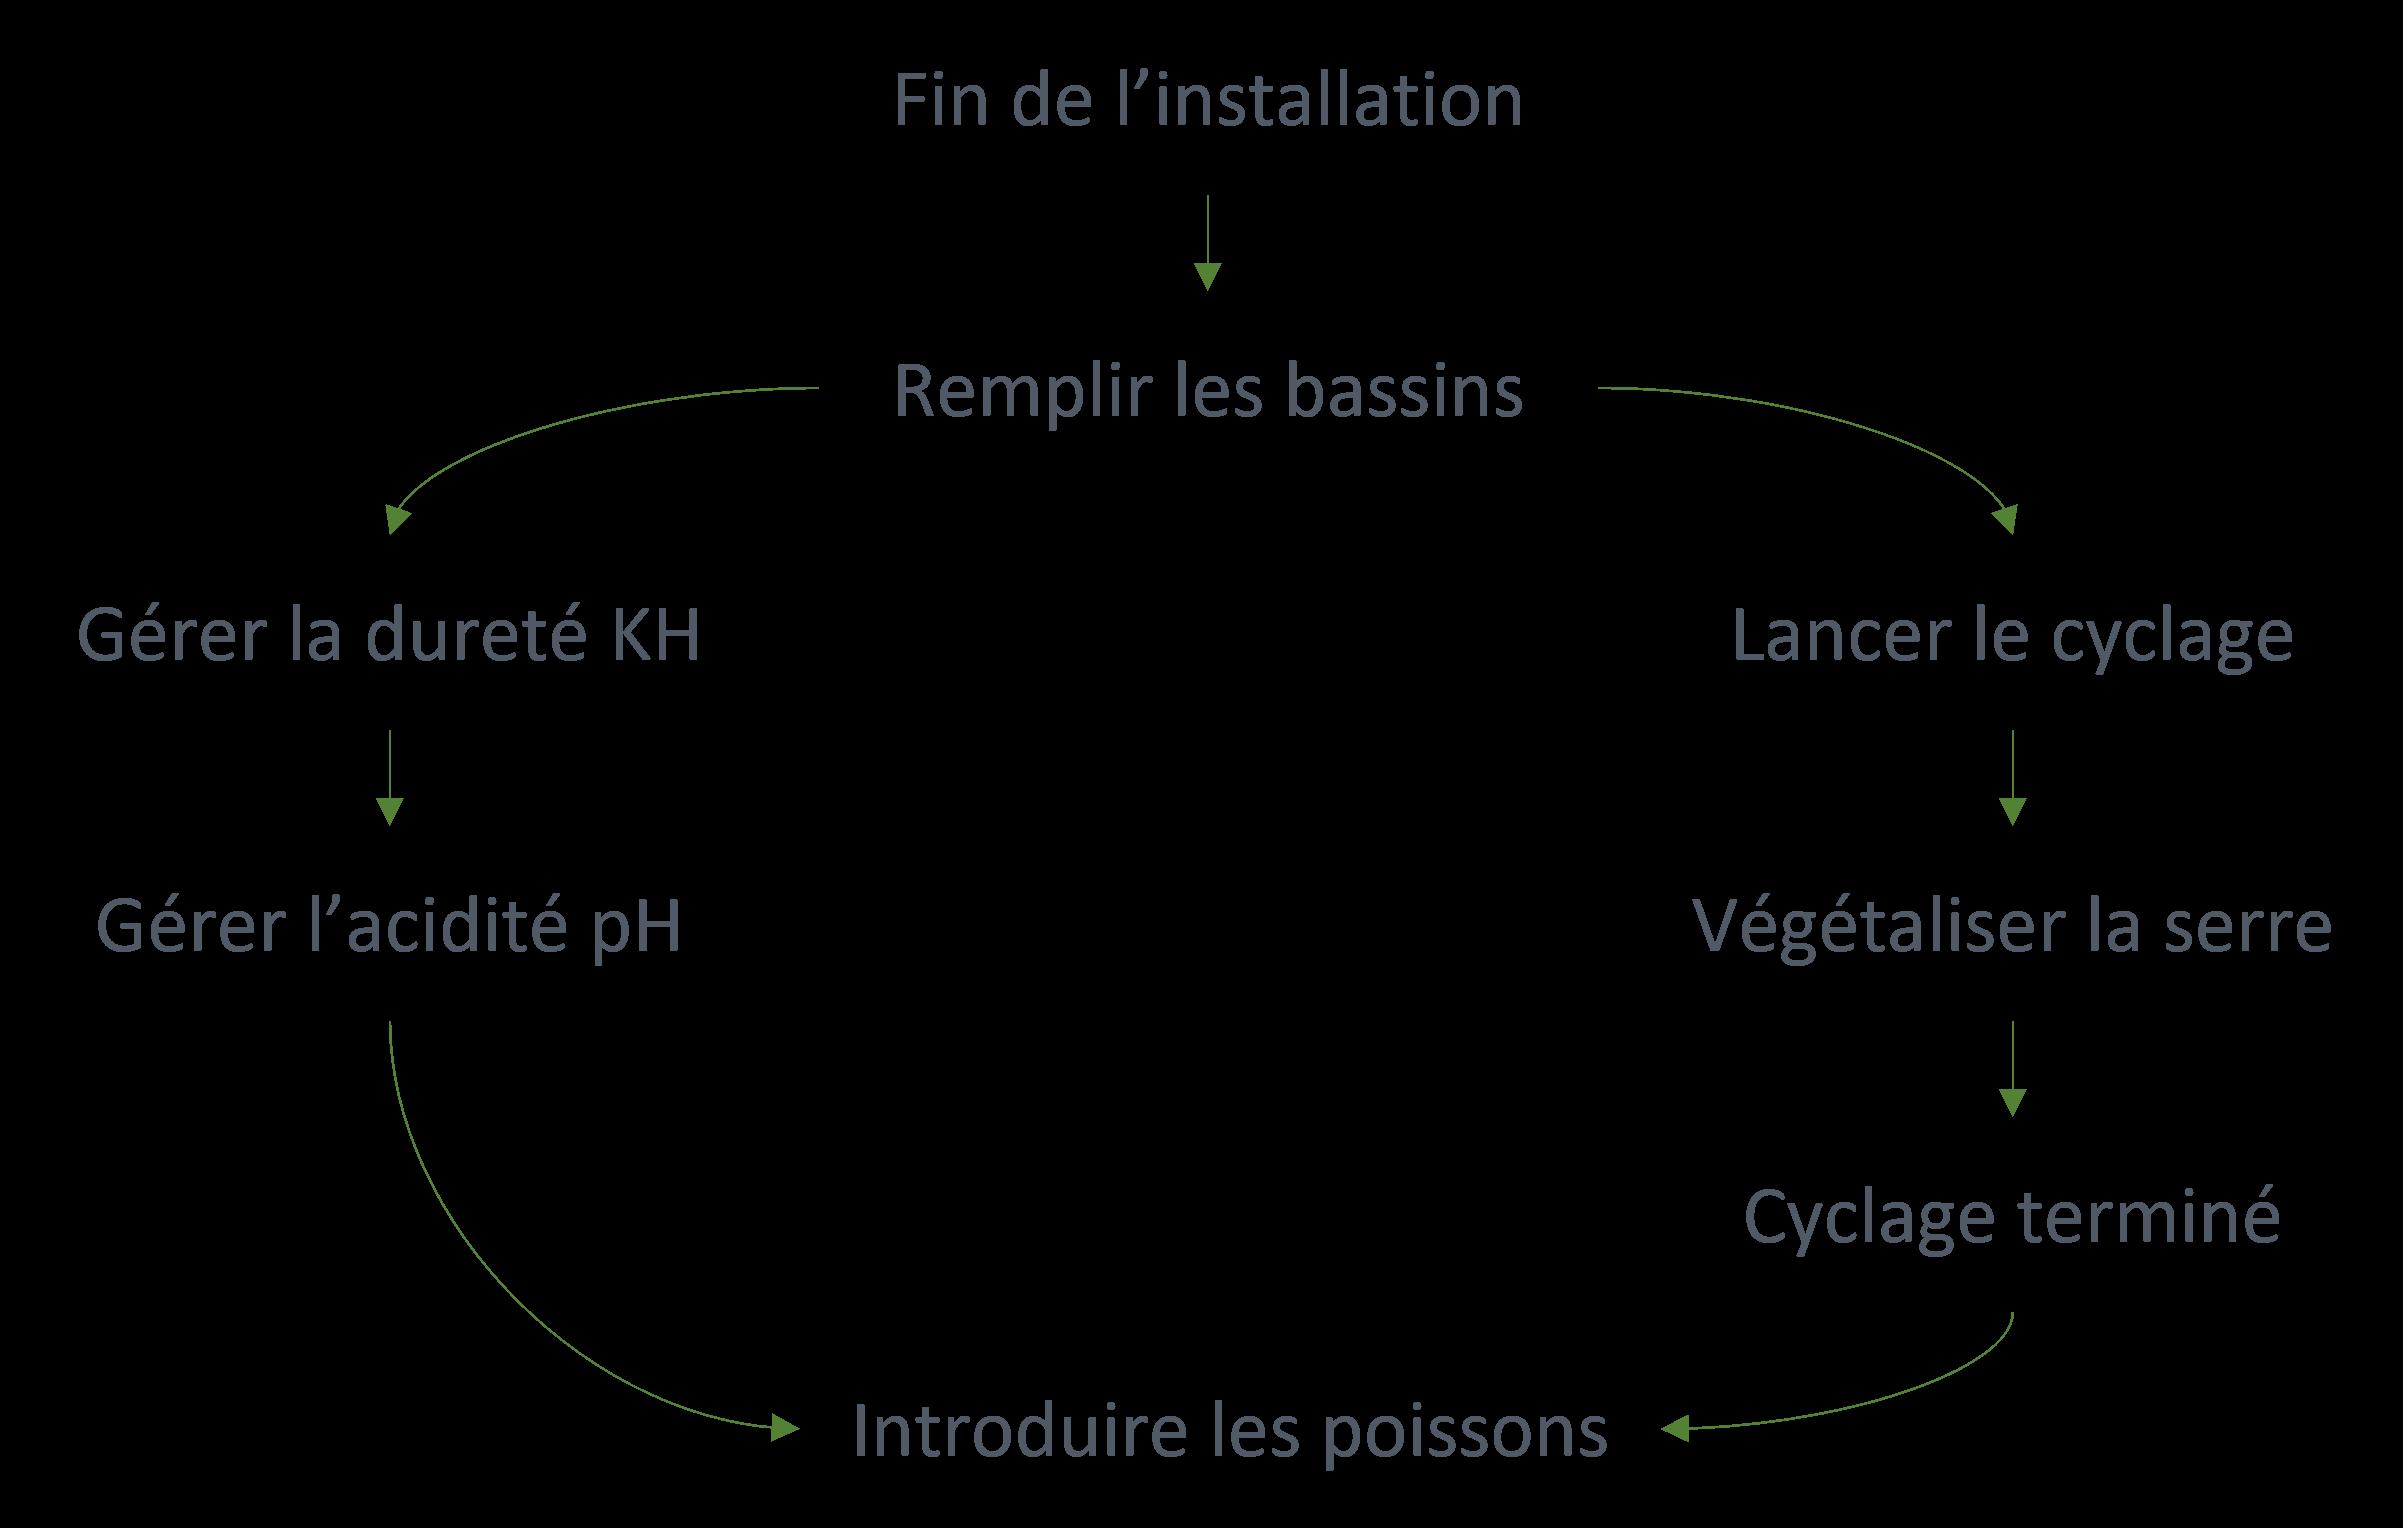 Schéma récapitulatif des étapes pour la mise en route de la serre en aquaponie.